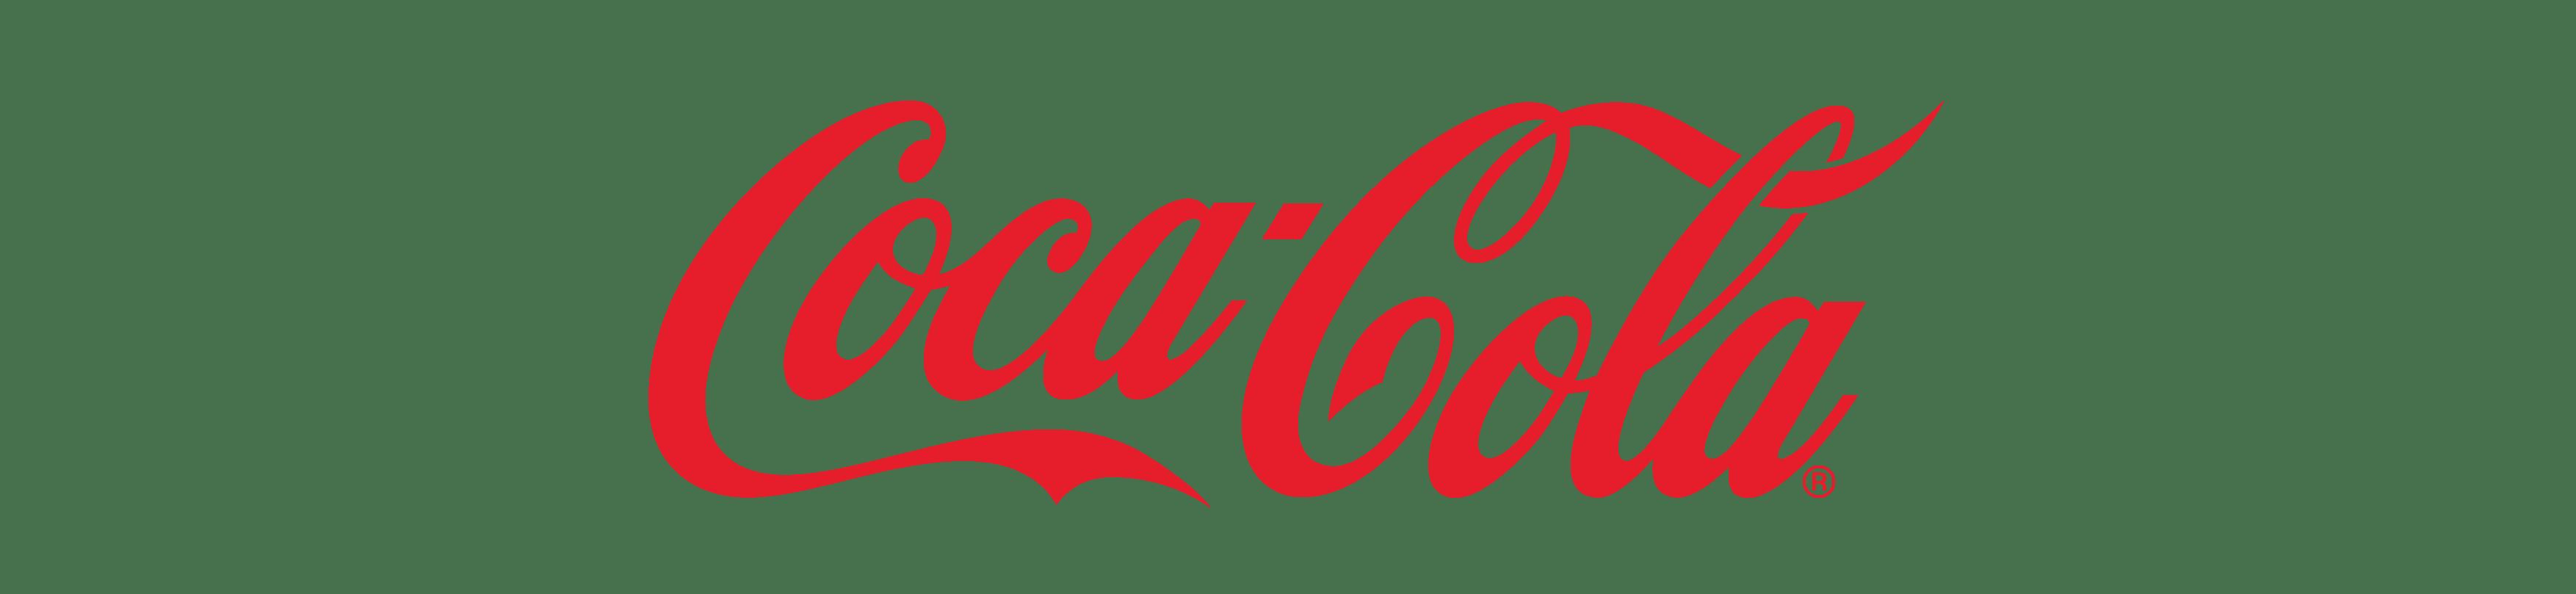 coca cola ταξίδια